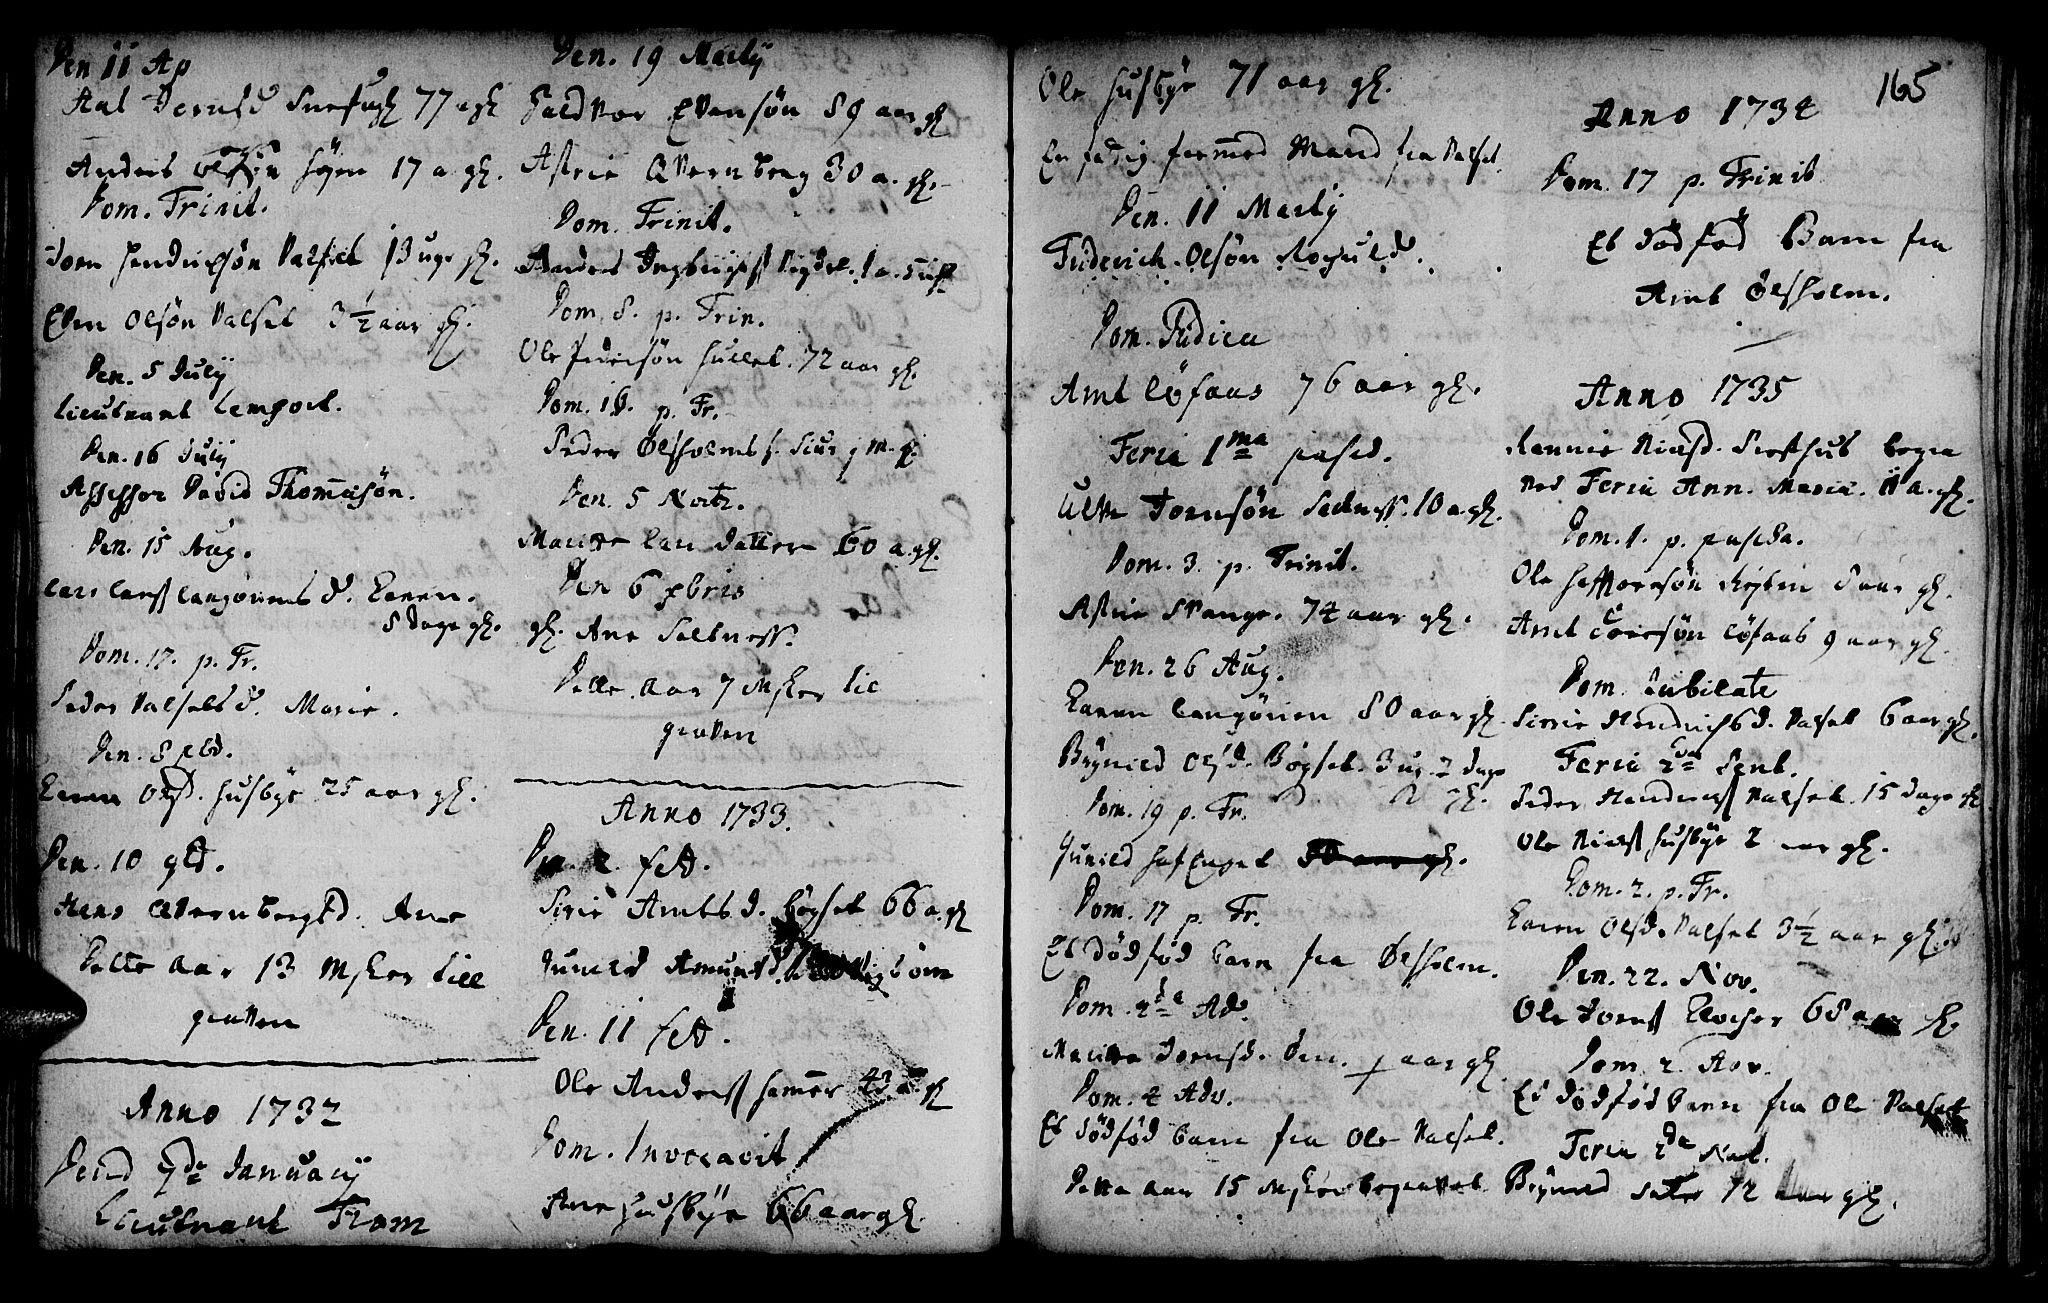 SAT, Ministerialprotokoller, klokkerbøker og fødselsregistre - Sør-Trøndelag, 666/L0783: Ministerialbok nr. 666A01, 1702-1753, s. 165